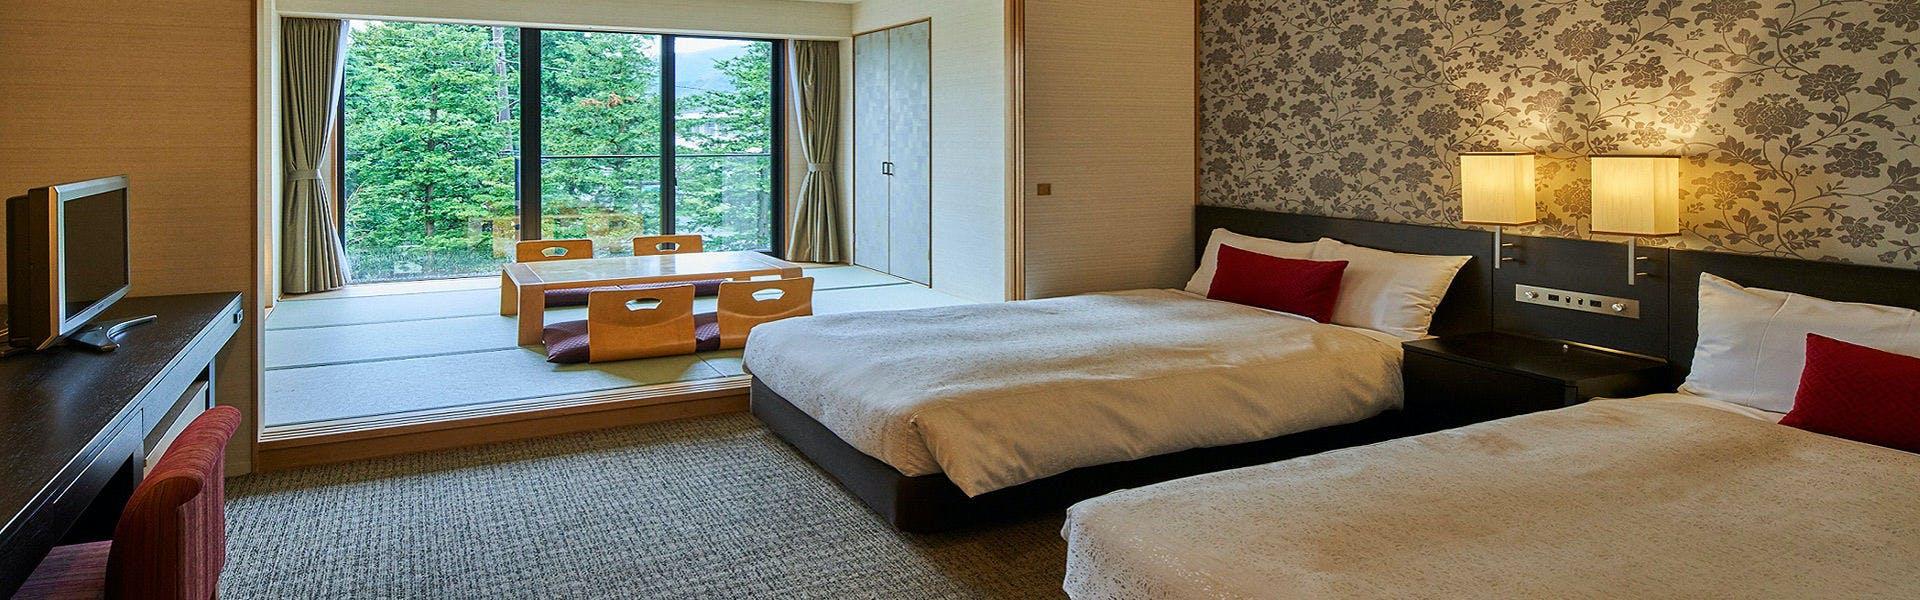 記念日におすすめのホテル・【ホテルハーヴェスト箱根甲子園】の写真3